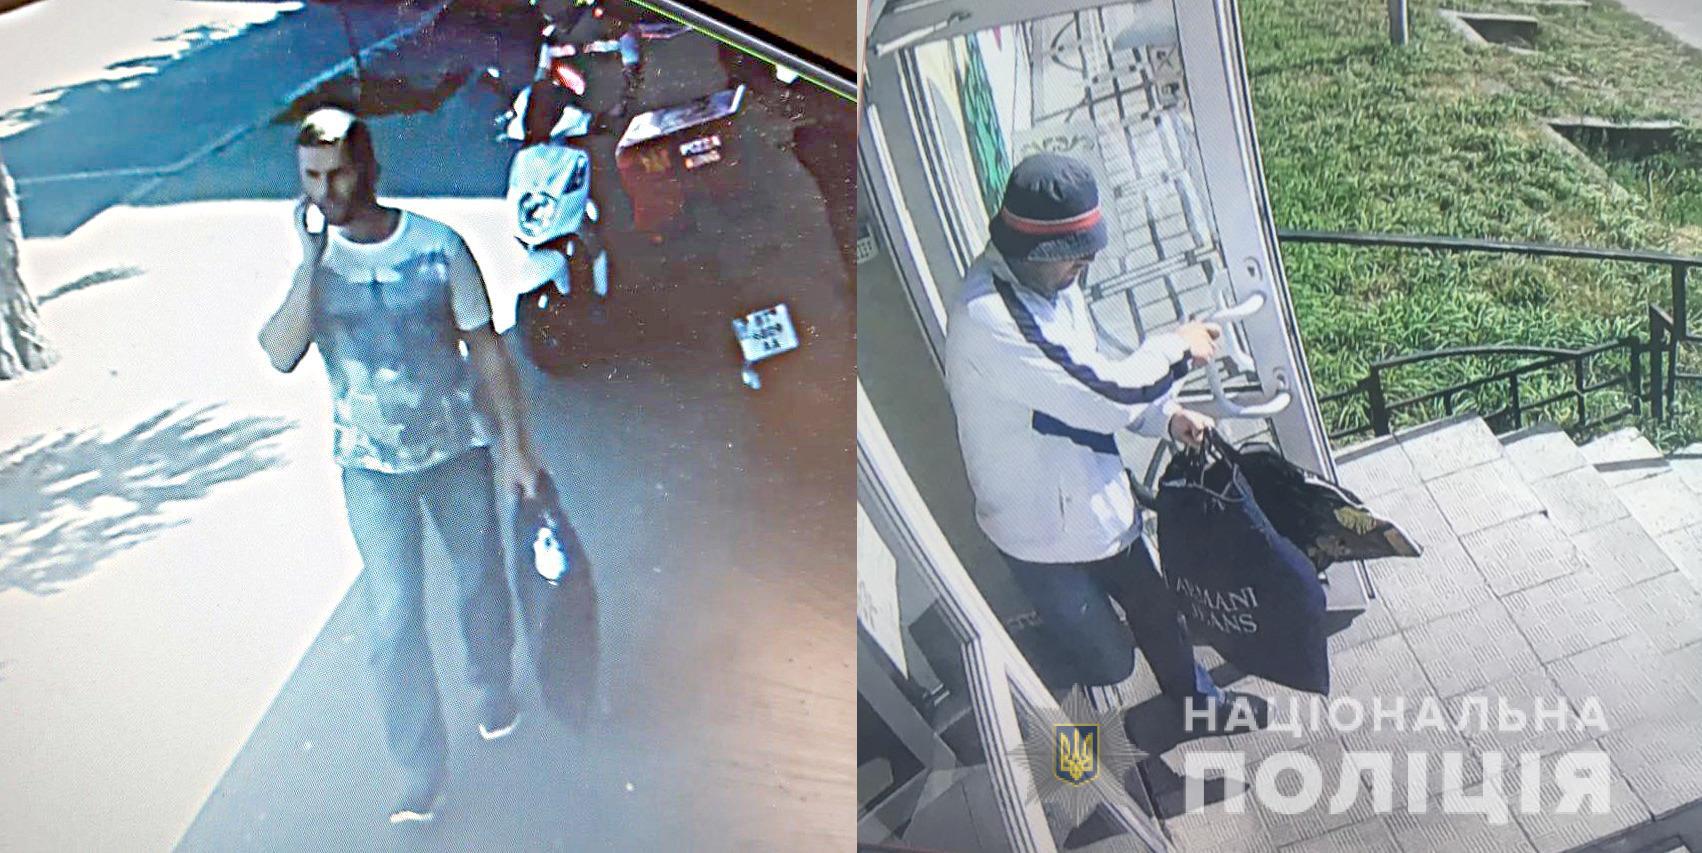 0911_YUvelir1 Увага, розшук грабіжників! За допомогу винагорода – 100 тисяч гривень